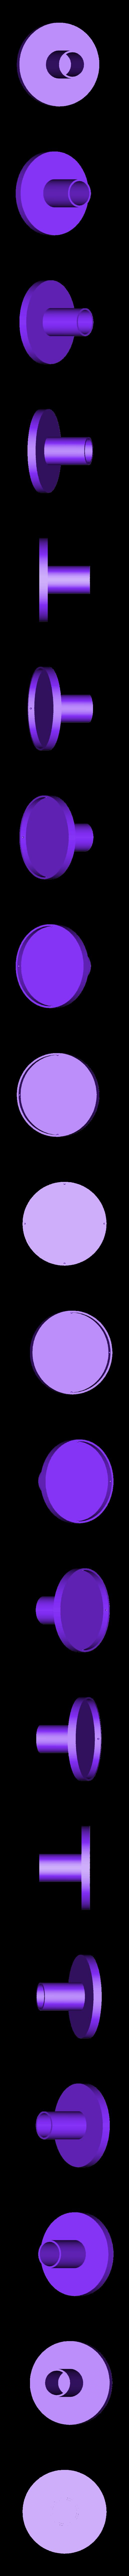 dumbell_moyen_part_2_ech1.01.stl Télécharger fichier STL gratuit Haltère de boîte de conserve par Samuel Bernier • Objet imprimable en 3D, ximenachata